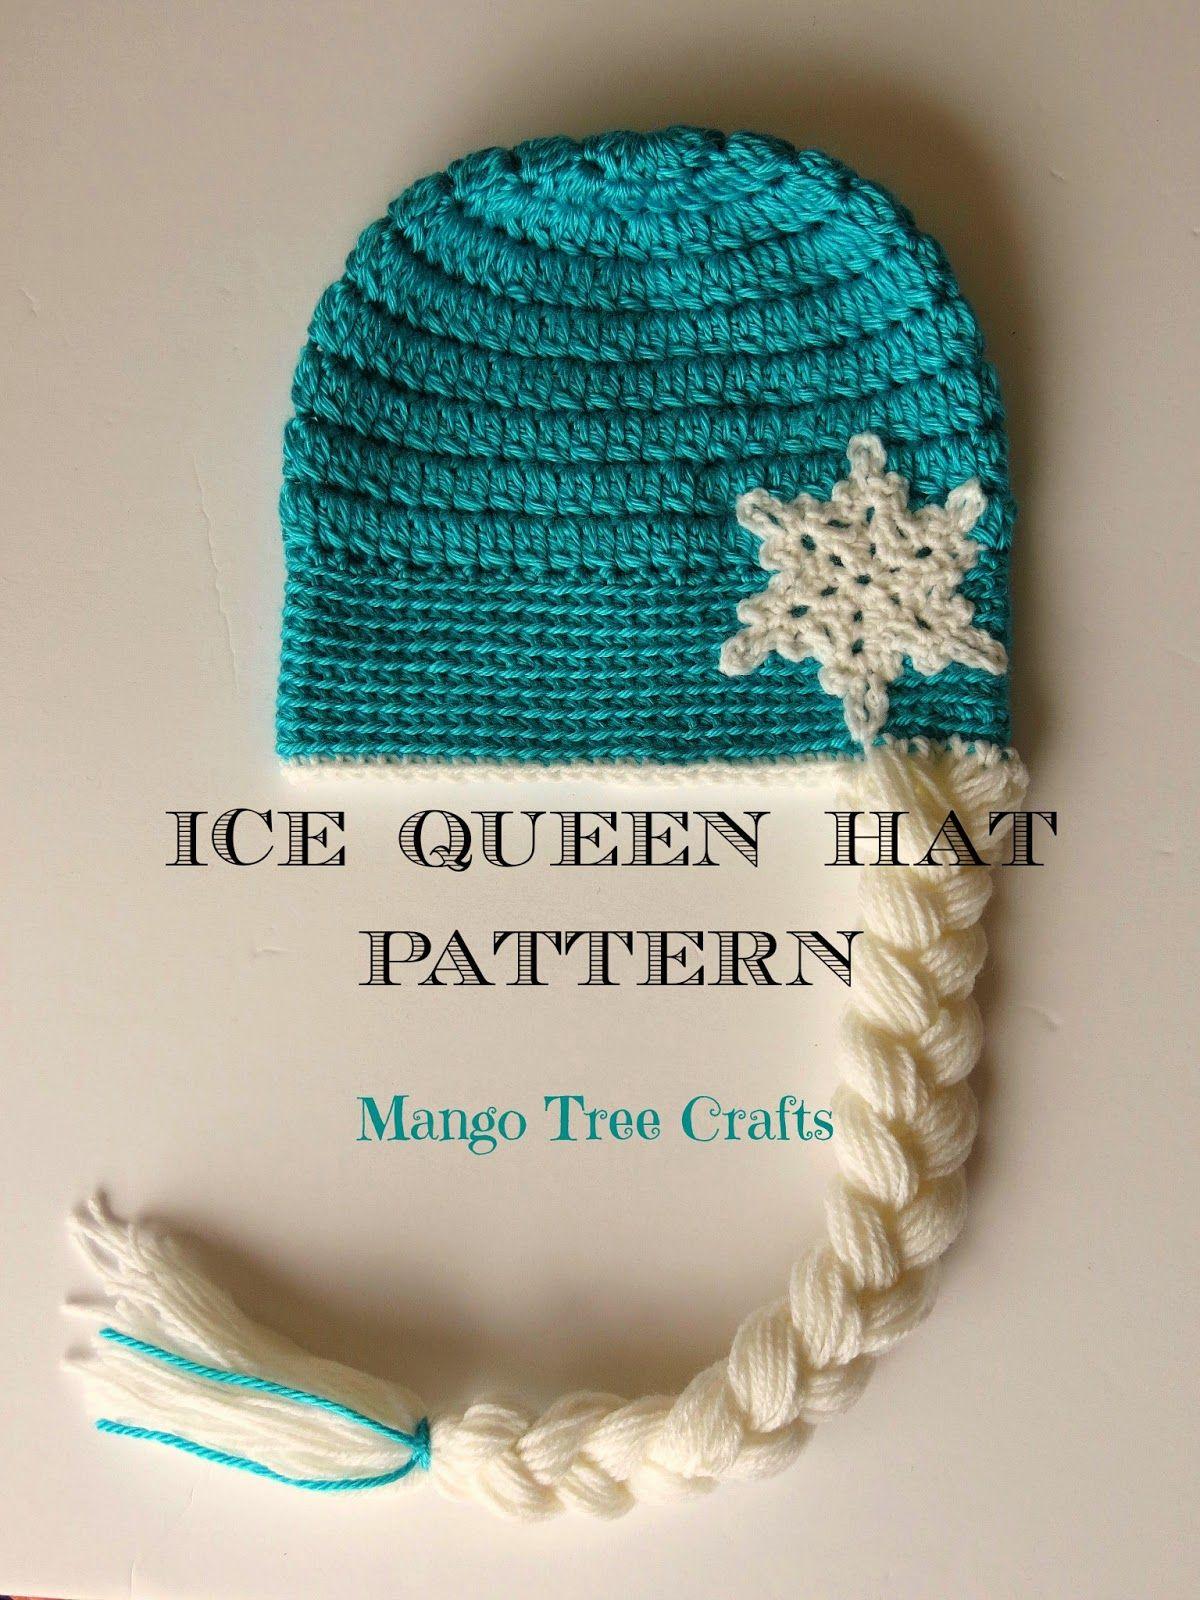 Knitting Pattern For Frozen Hat : Frozen Elsa crochet hat pattern crochet Pinterest Elsa, Crochet and Pat...